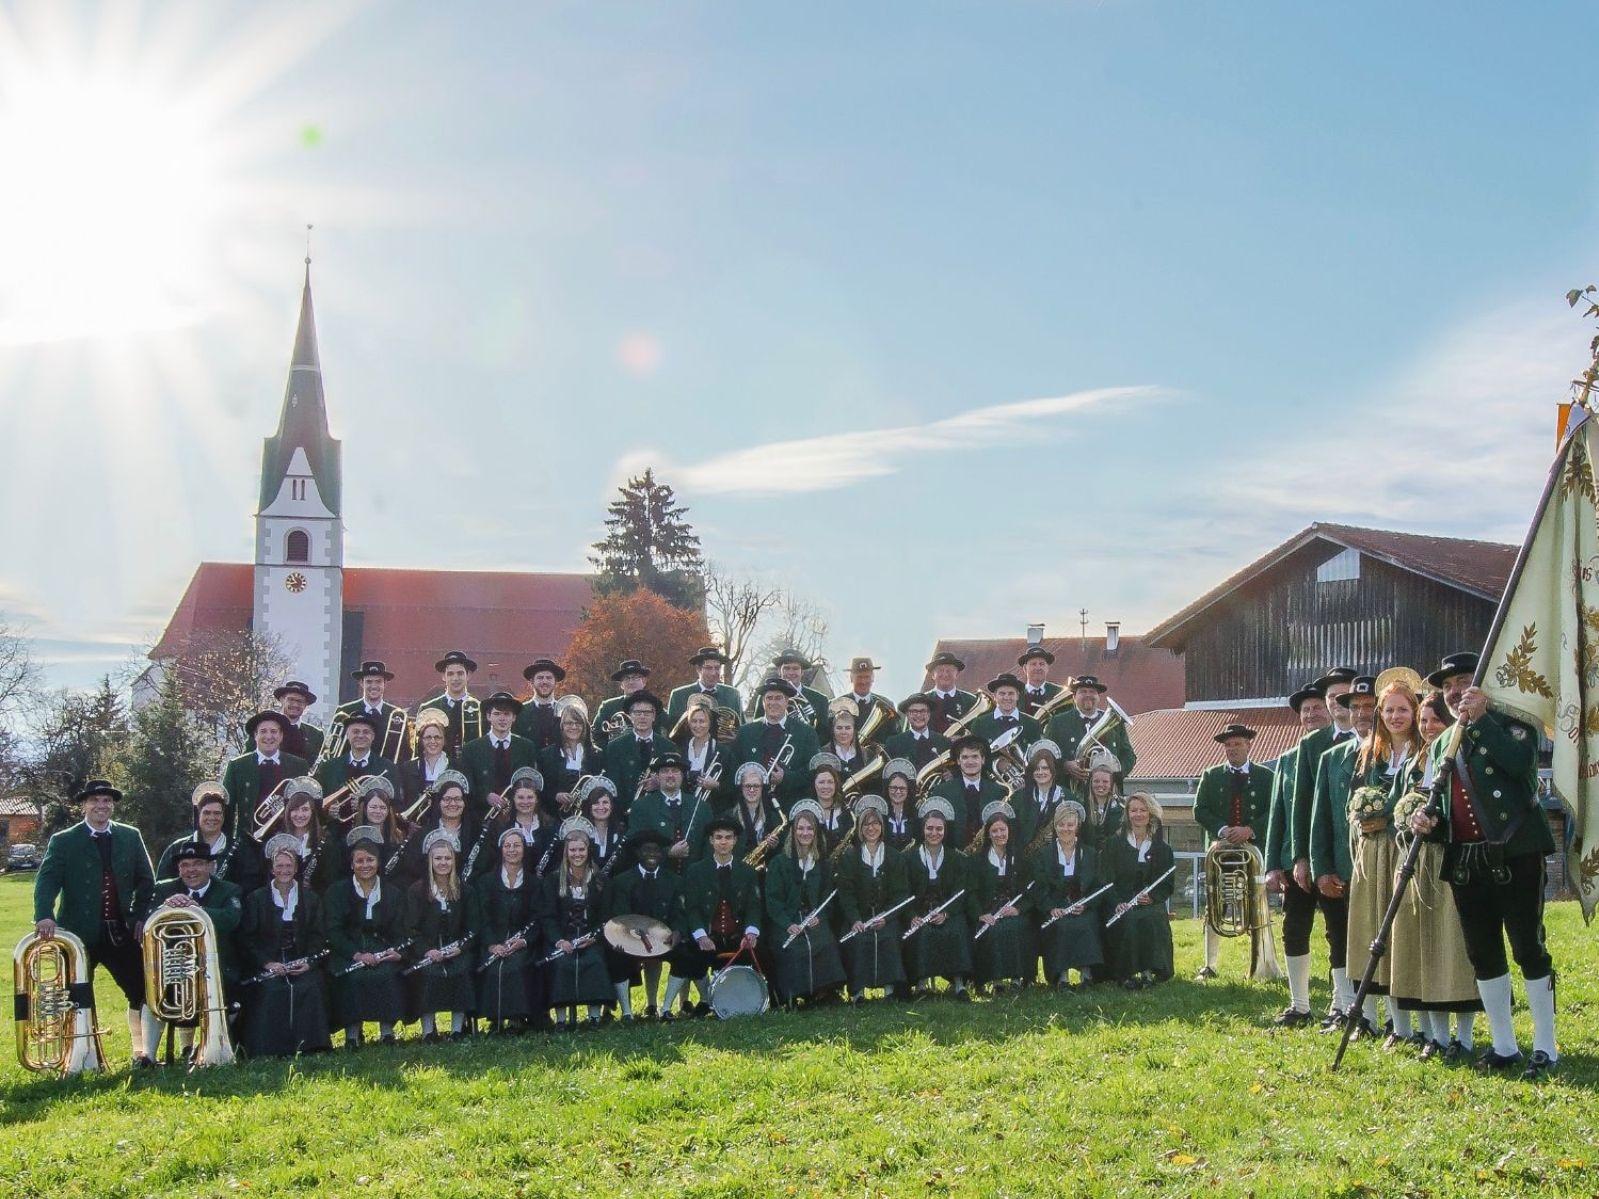 Musikkapelle Pfaerrich